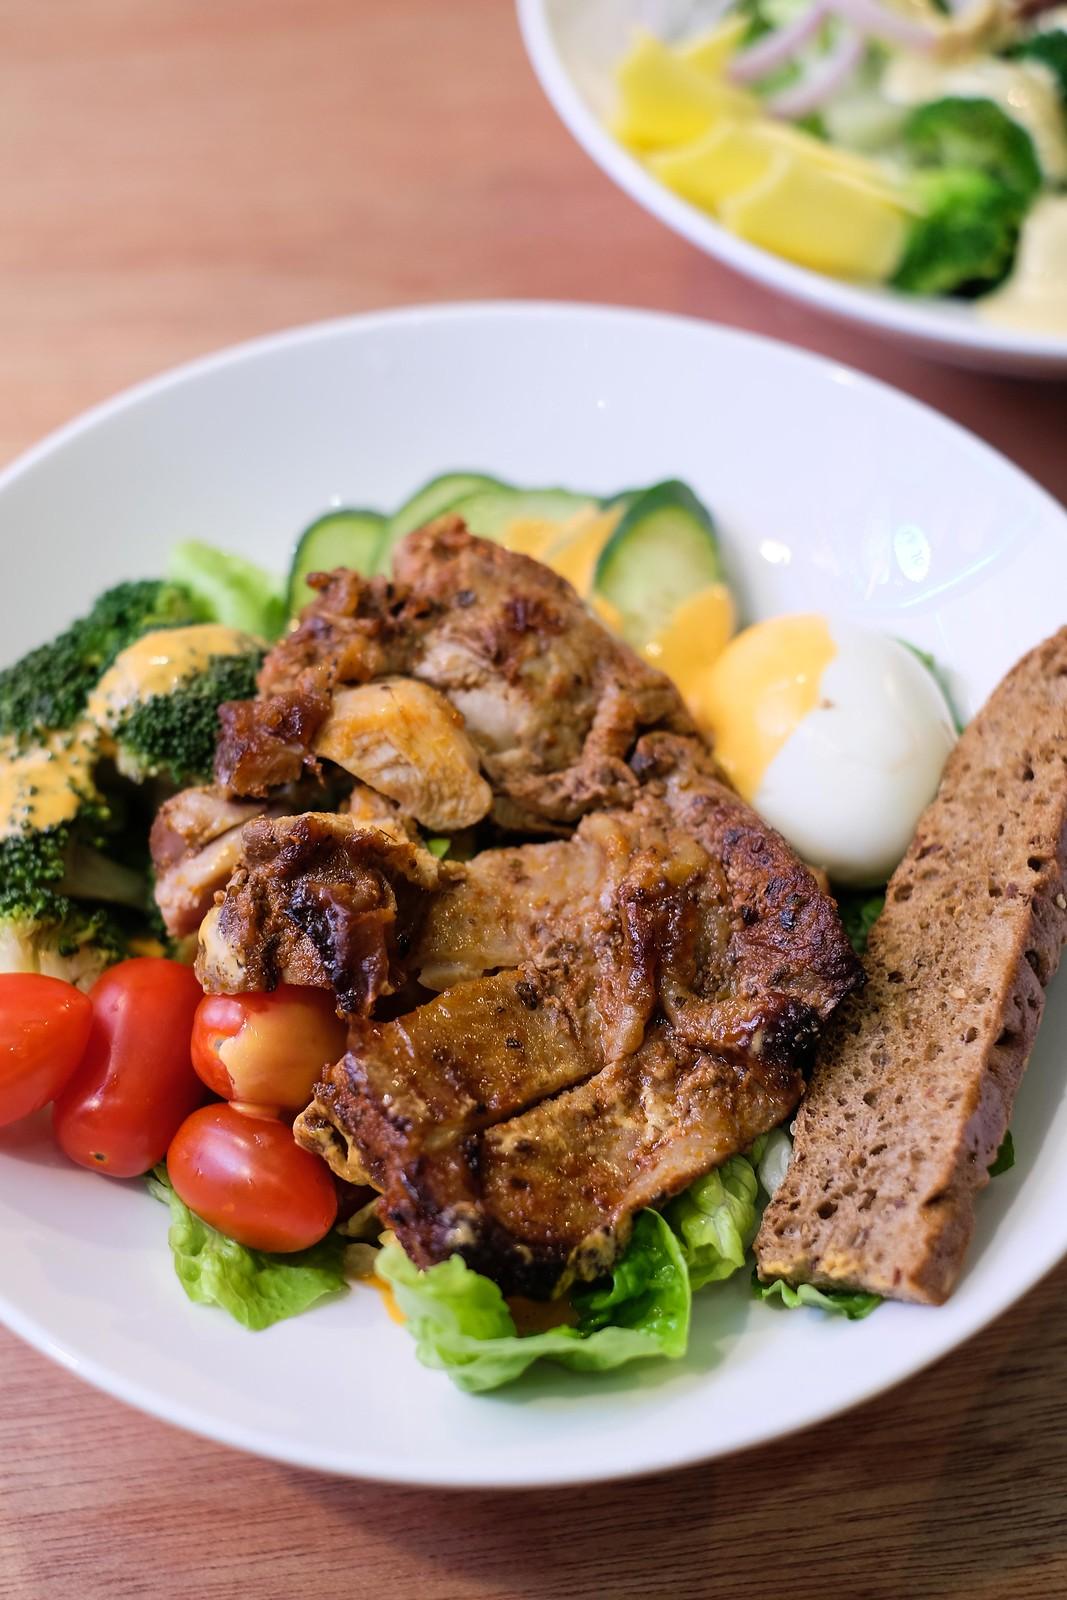 Kraftwich by Swissbake